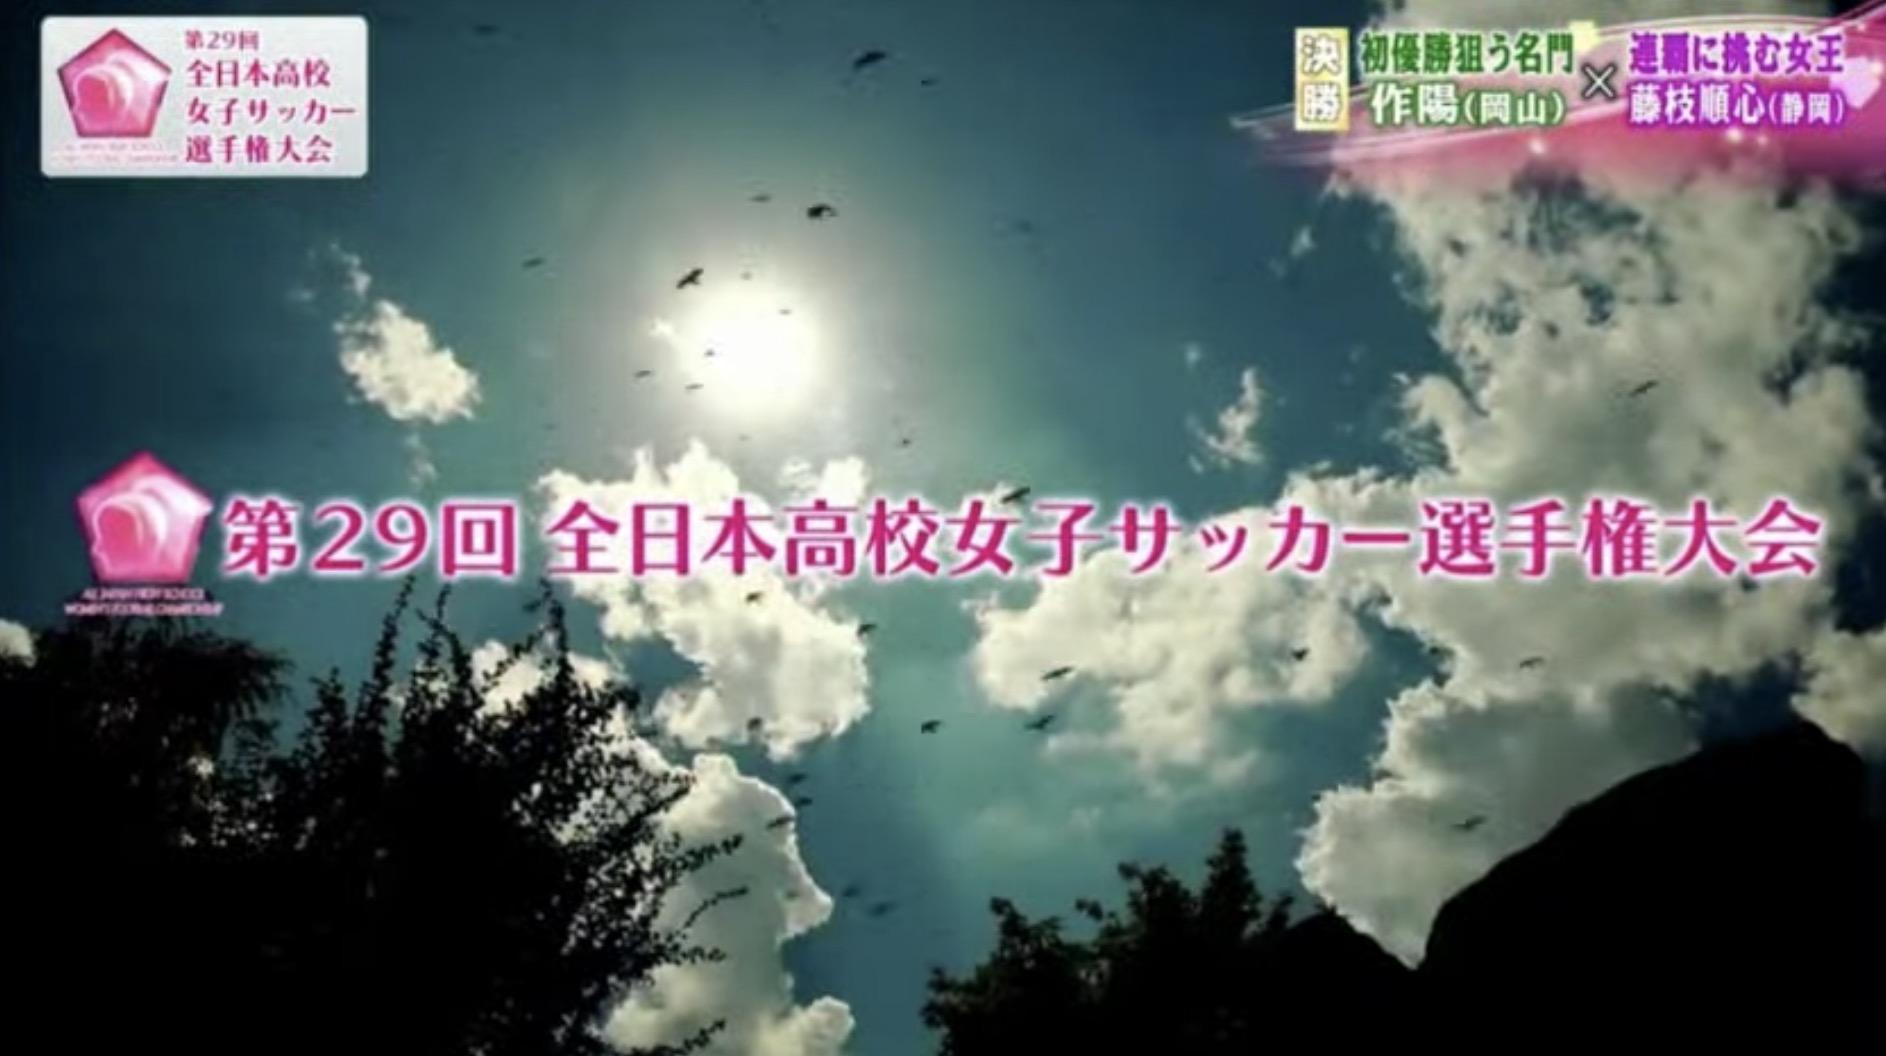 image 2021-01-10 14.13.05